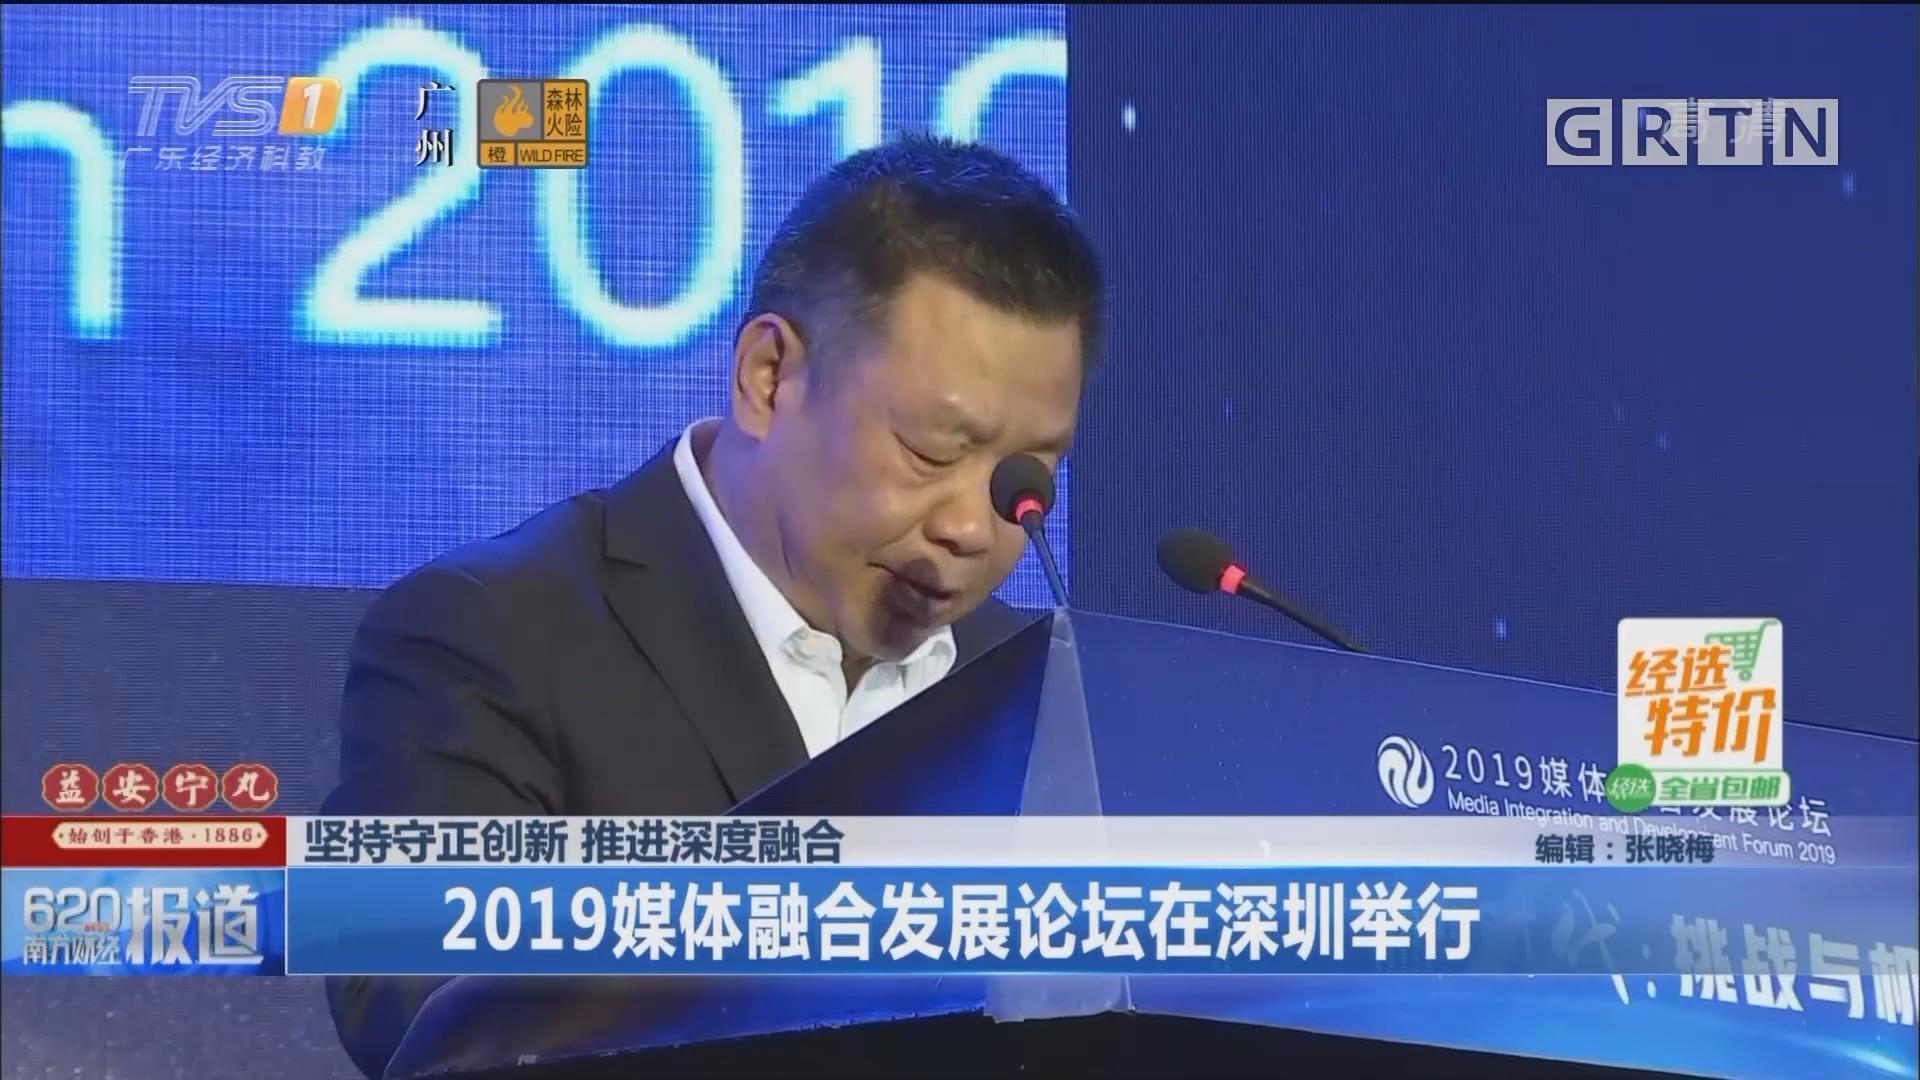 坚持守正创新 推进深度融合 2019媒体融合发展论坛在深圳举行